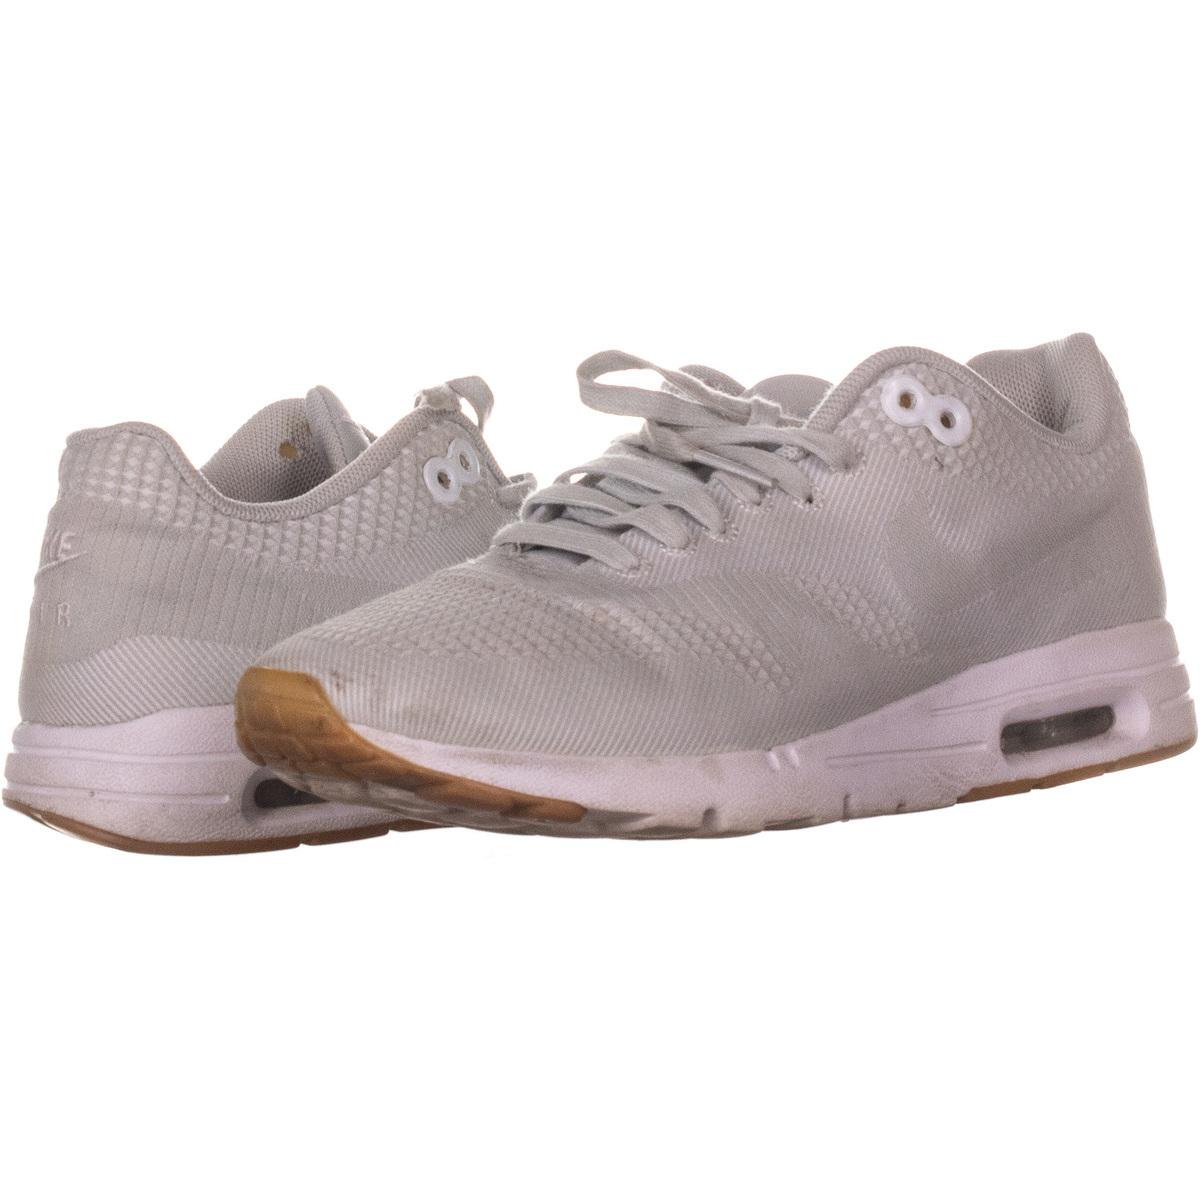 100% authentic 27370 14f8f Nike 33 Coi Lacci Scarpe da Ginnastica 577, Chiaro Grayfabric, 6 USA -  $64.80 · Advanced search for Nike Air Shoes